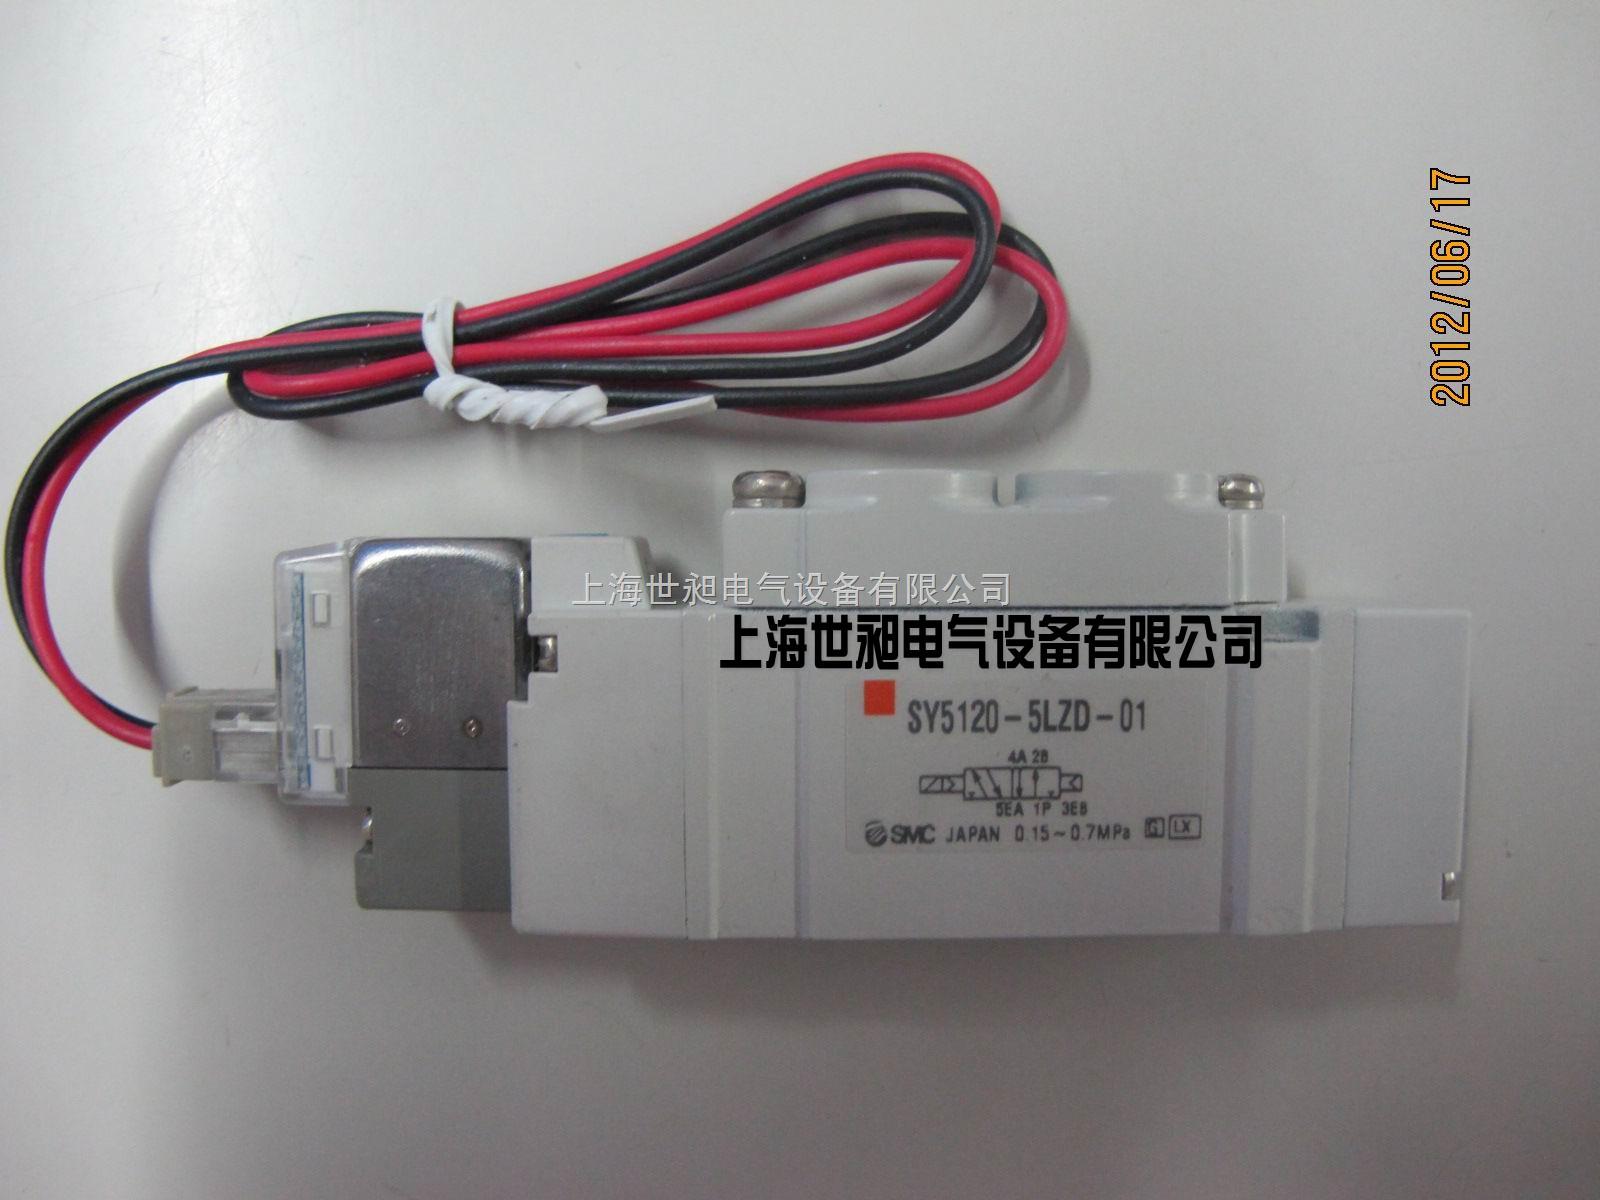 SMC电磁阀 SY5120-5LZD-01